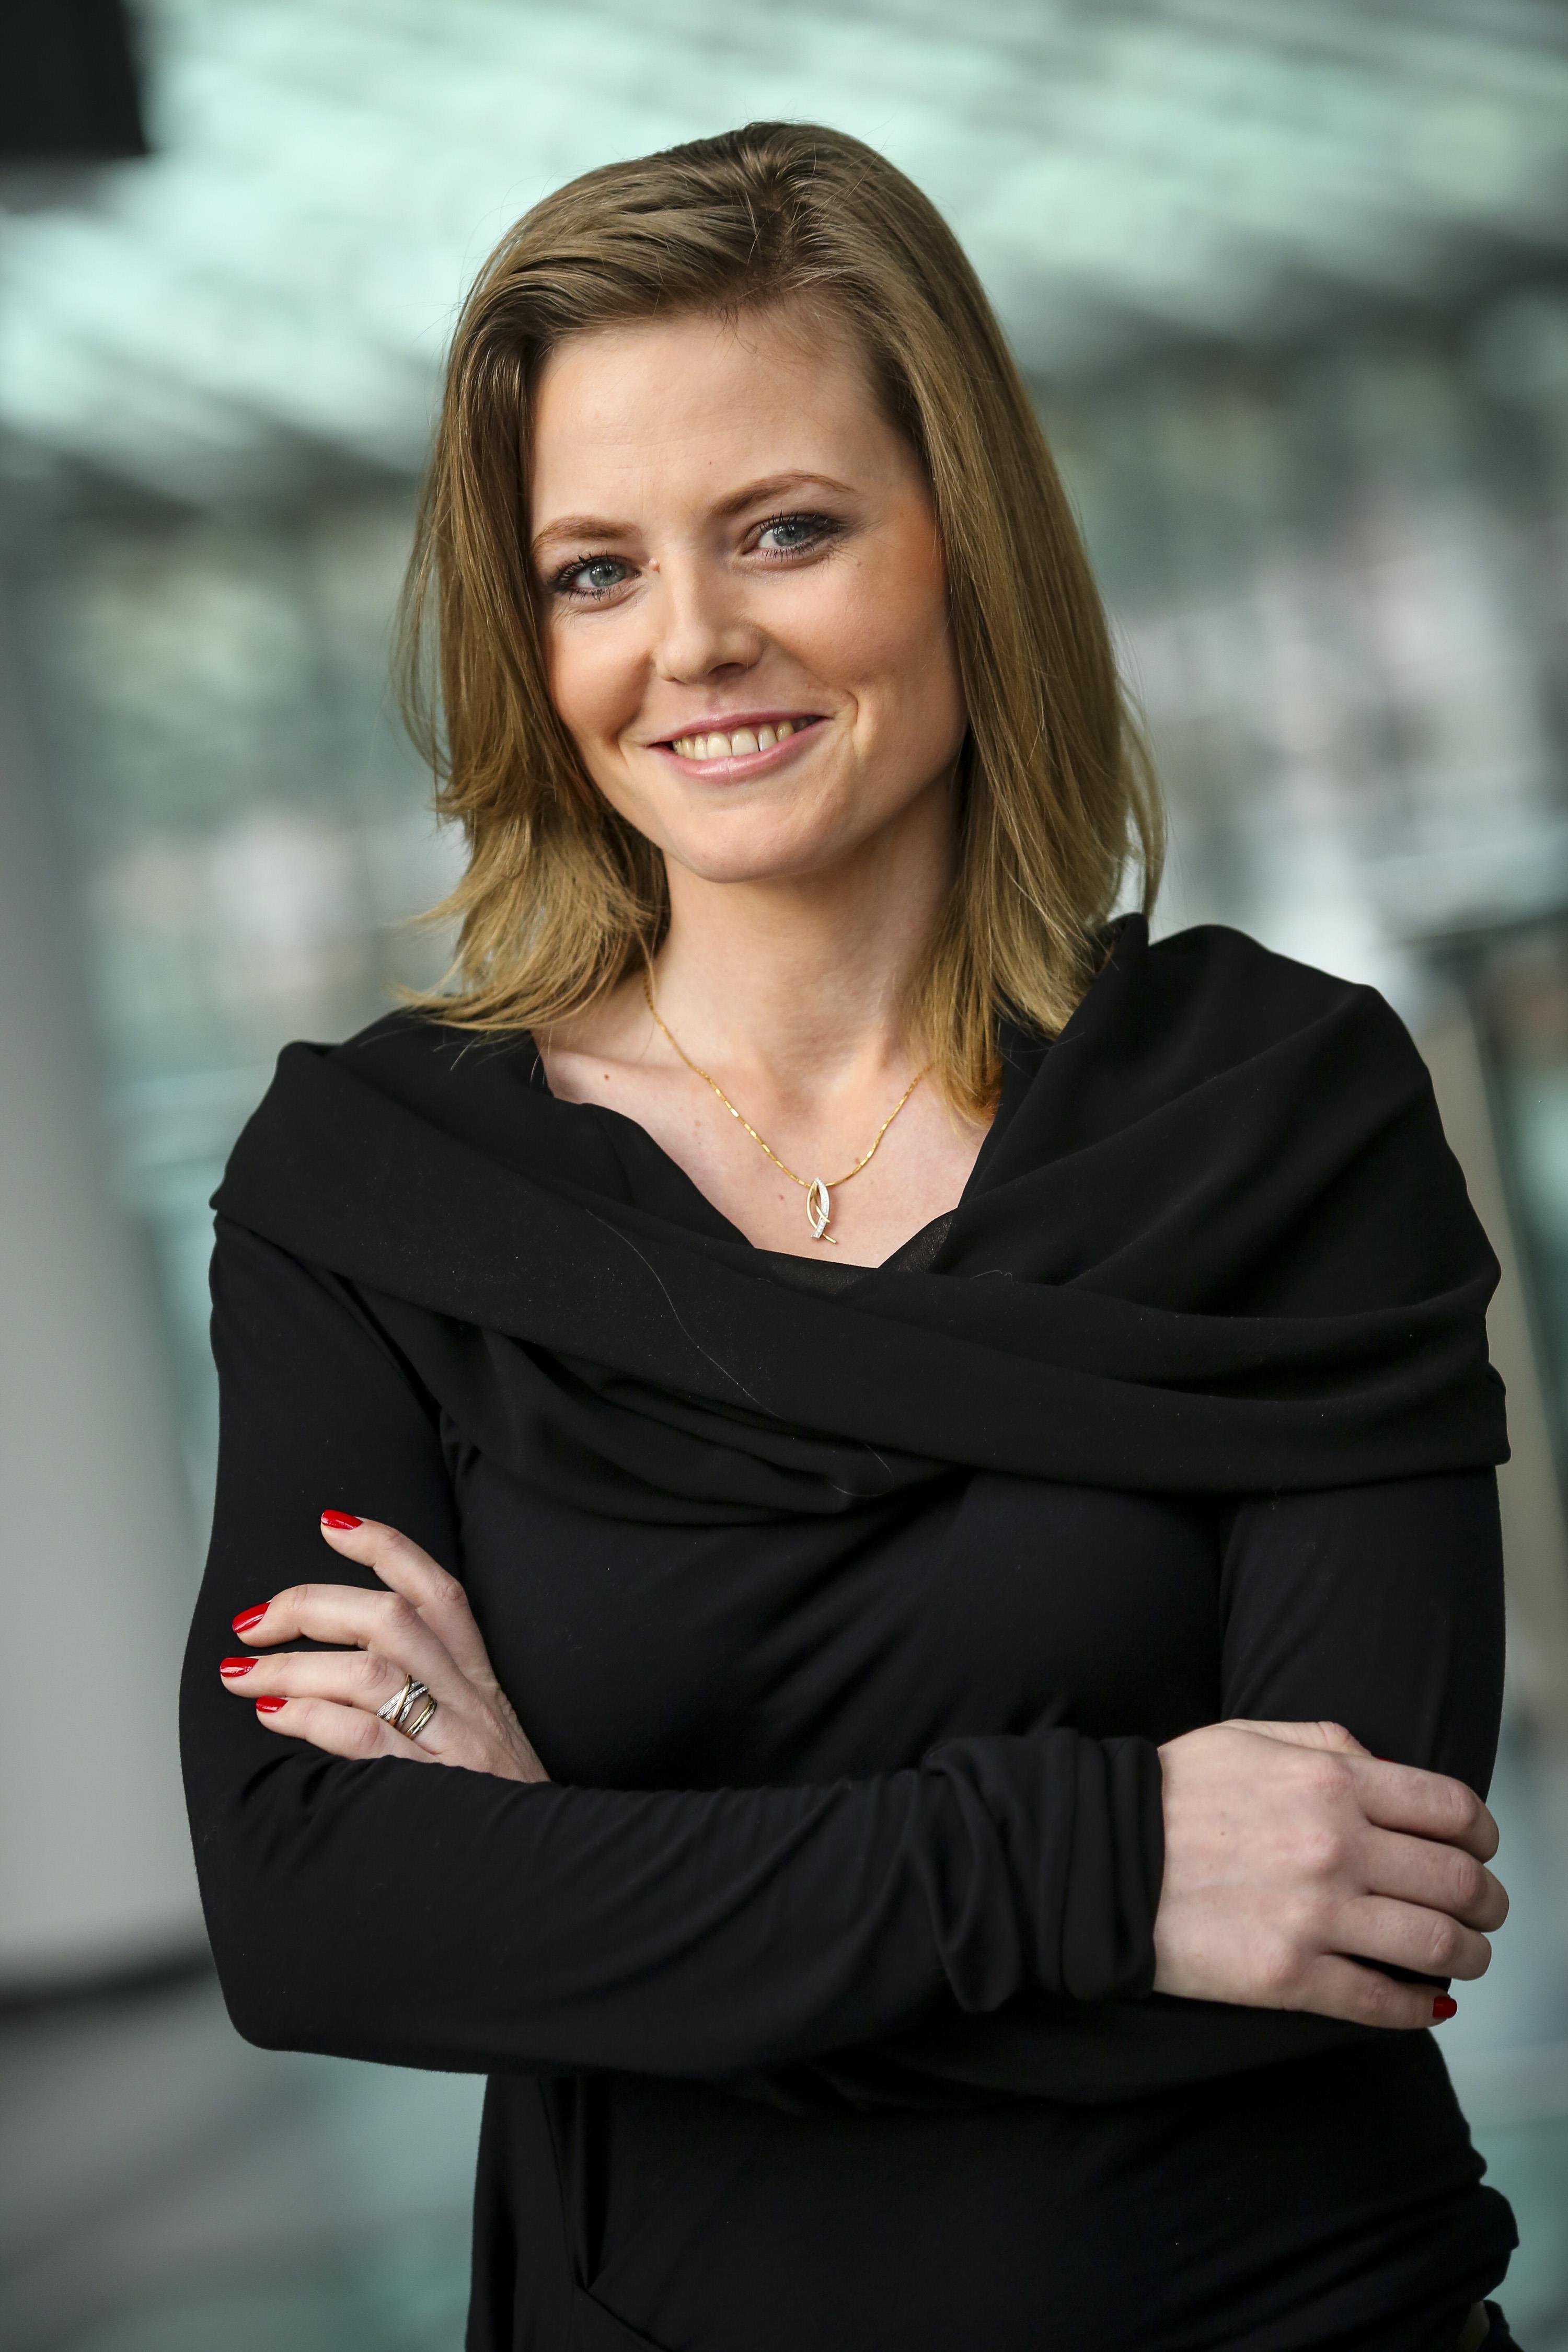 Isabel Marcinkiewicz Napisała Kpiący Wiersz O Byłym Premierze